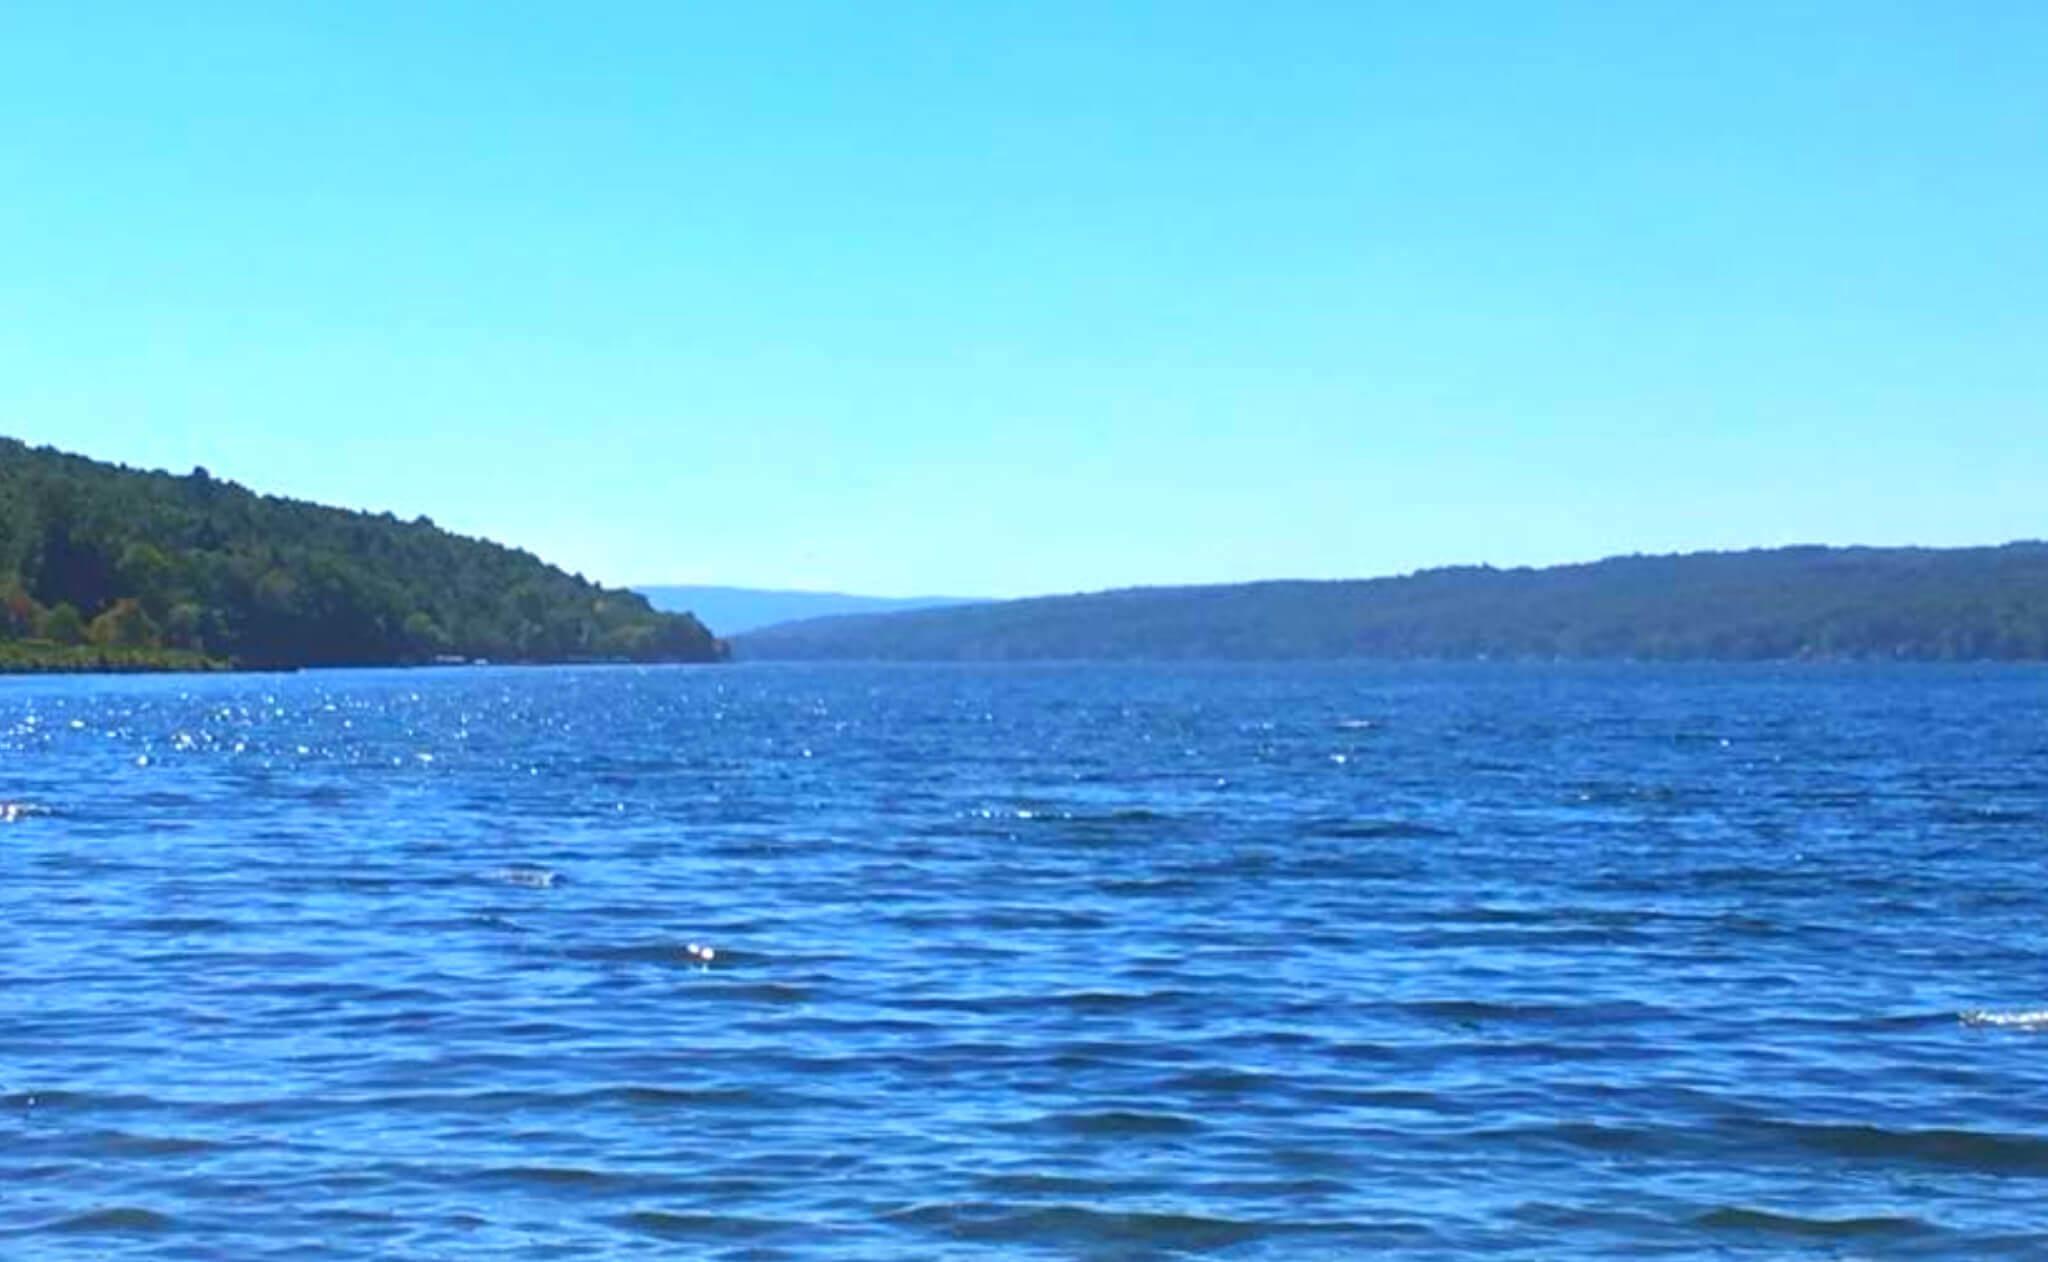 Keuka-Lake-Fishing-Report-Guide-New-York-NY-01